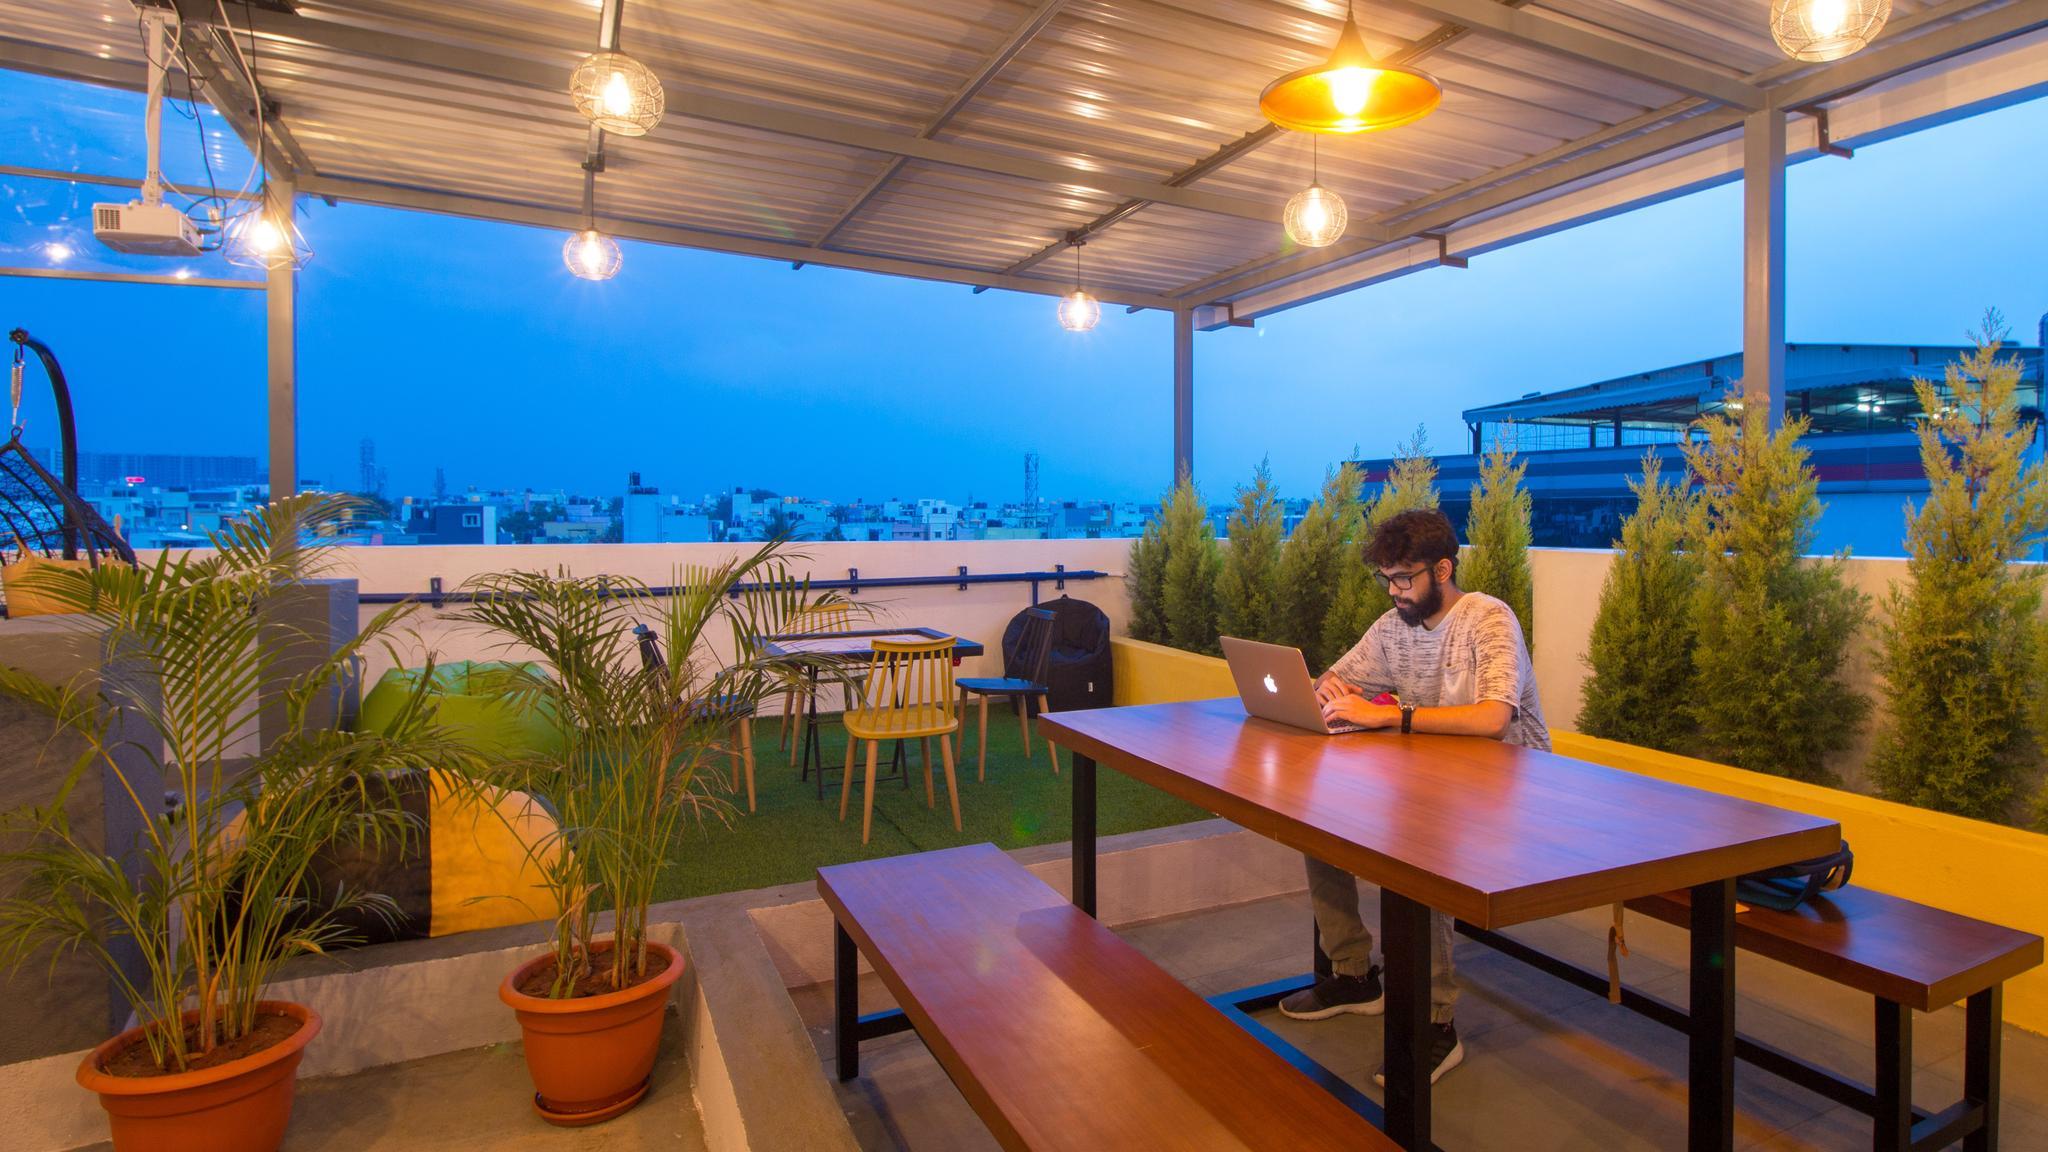 Aquila-Coliving-HSR Layout-Bengaluru